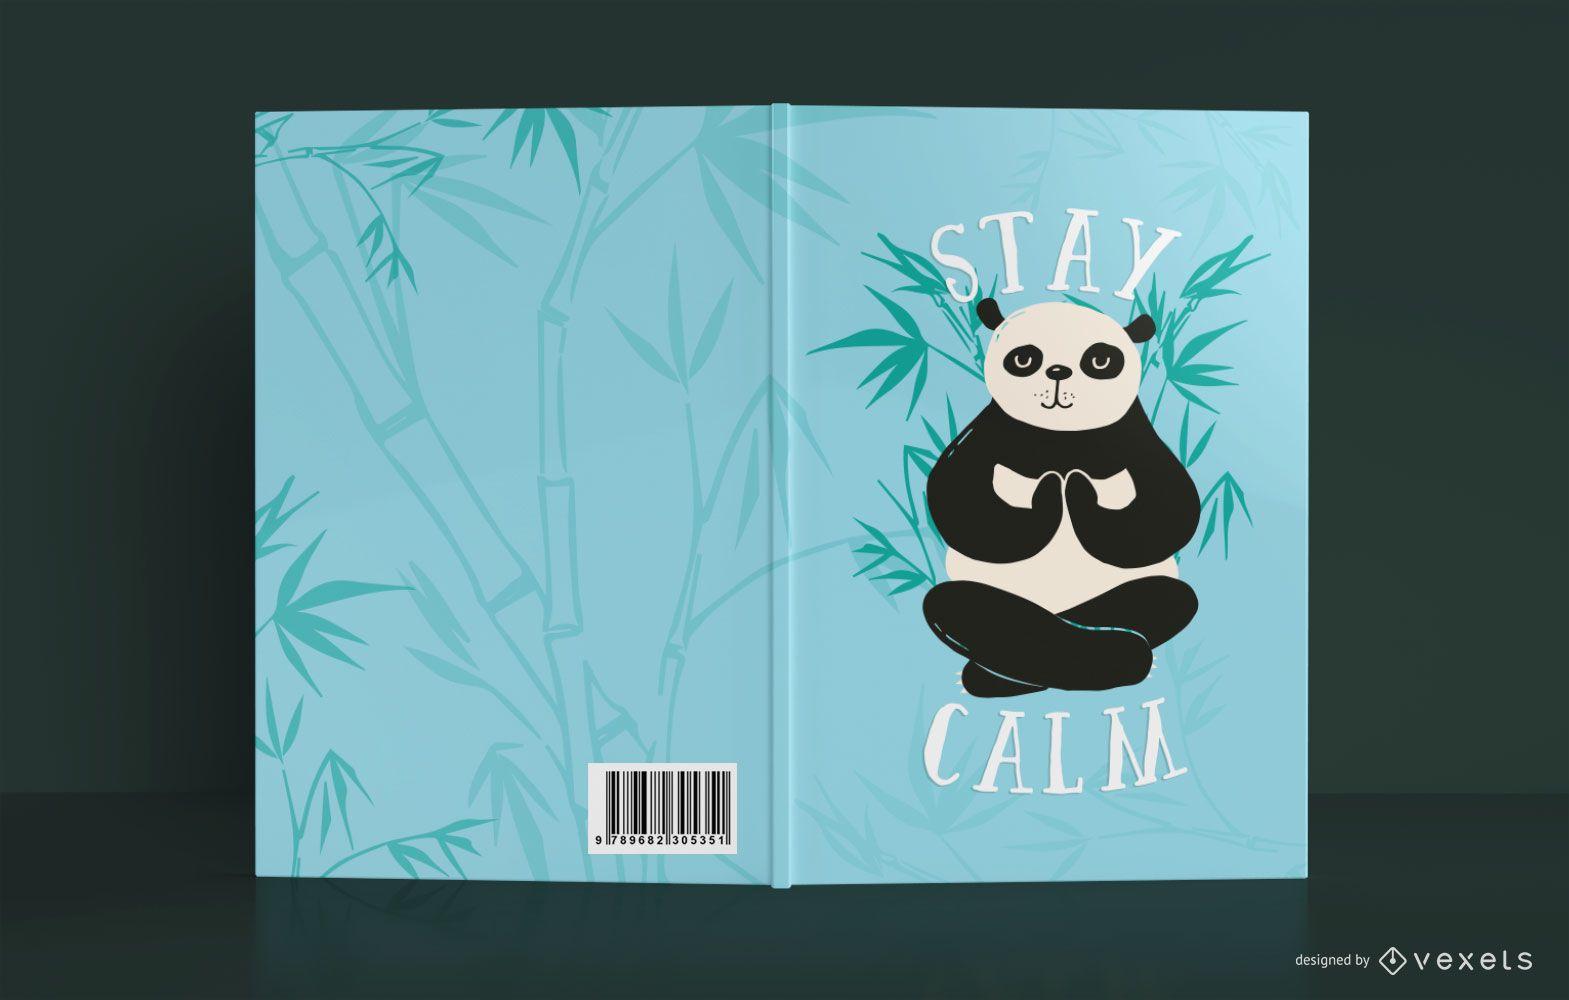 Dise?o de portada de libro Stay Calm